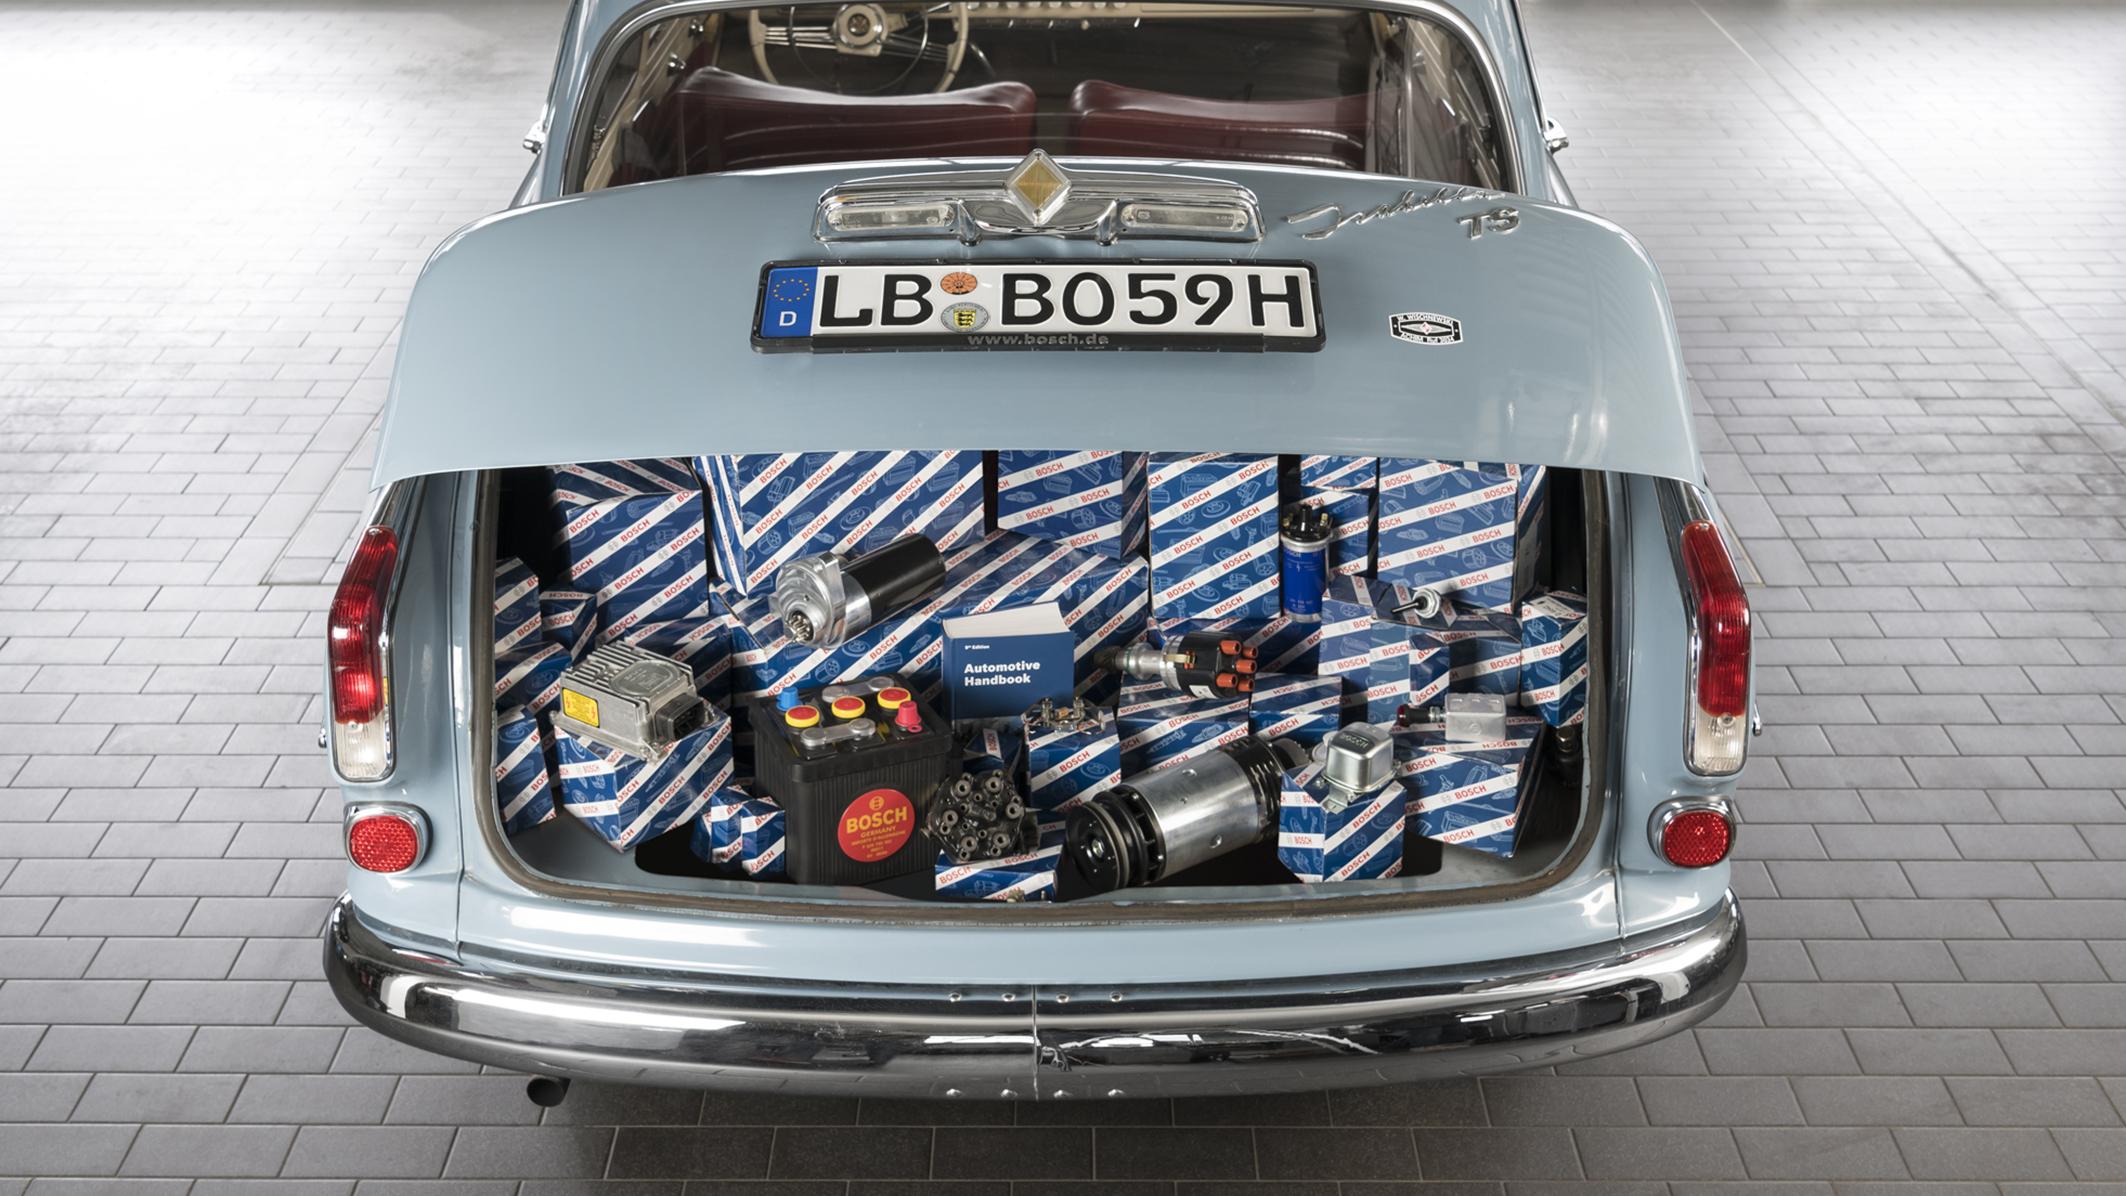 Bosch Kühlschrank Classic Edition Ersatzteile : Bosch classic präsentiert sich mit einem breiten angebot für